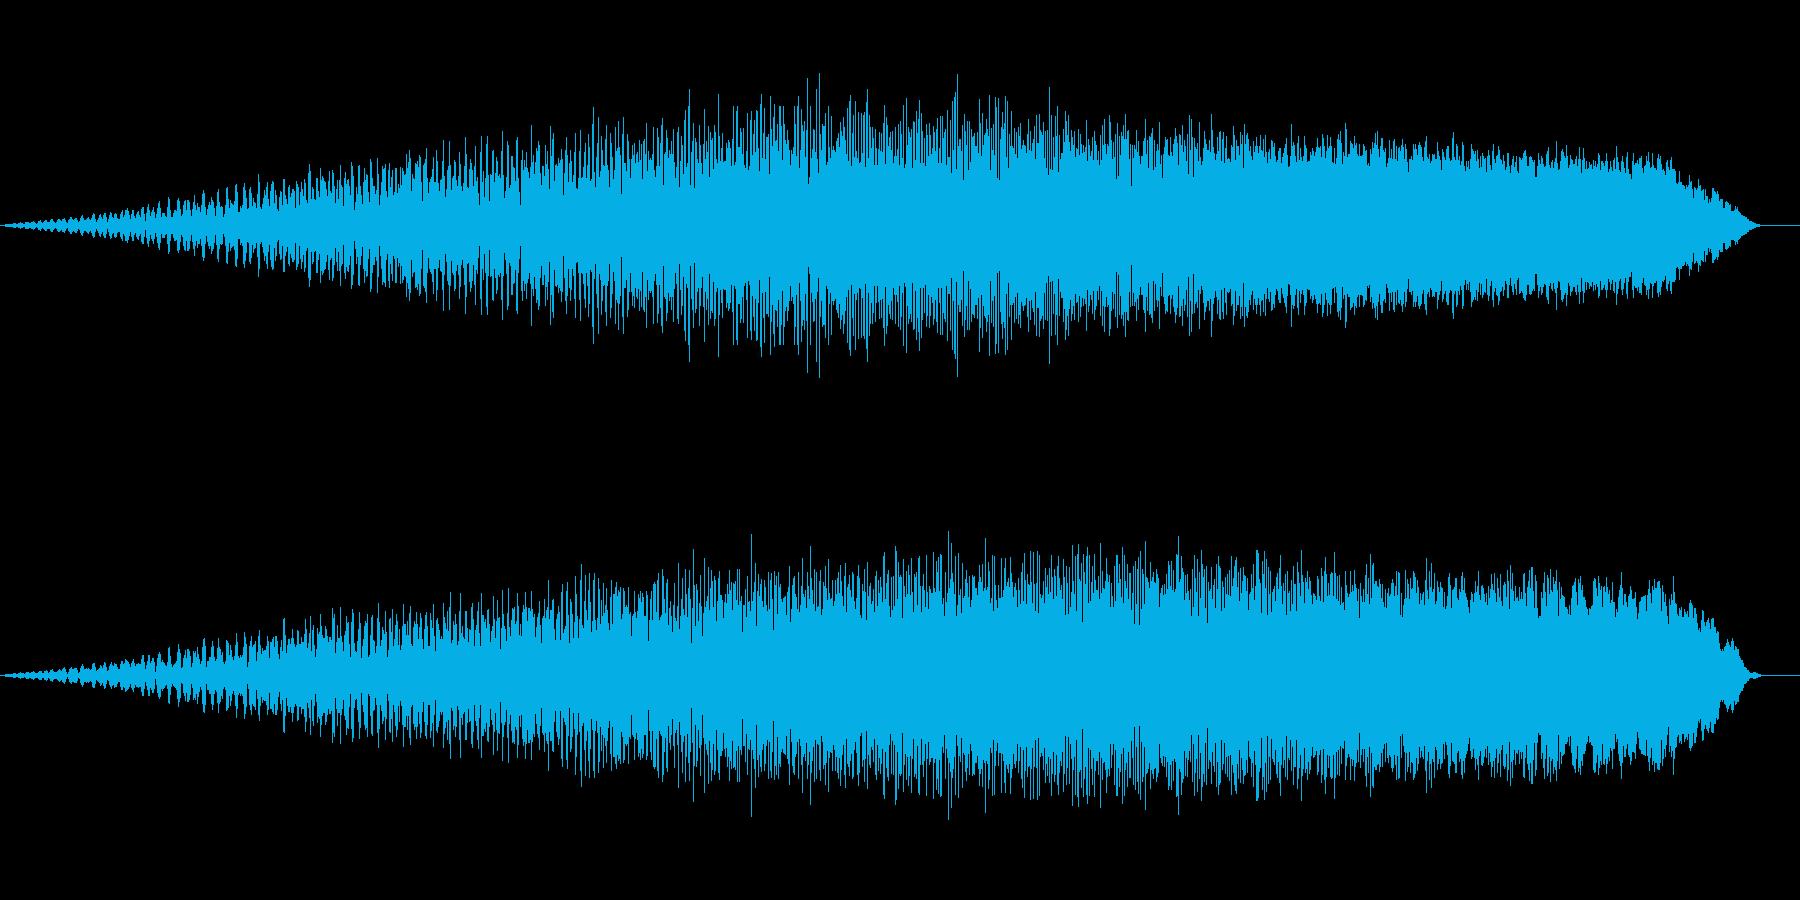 膨張 パワー充填の再生済みの波形